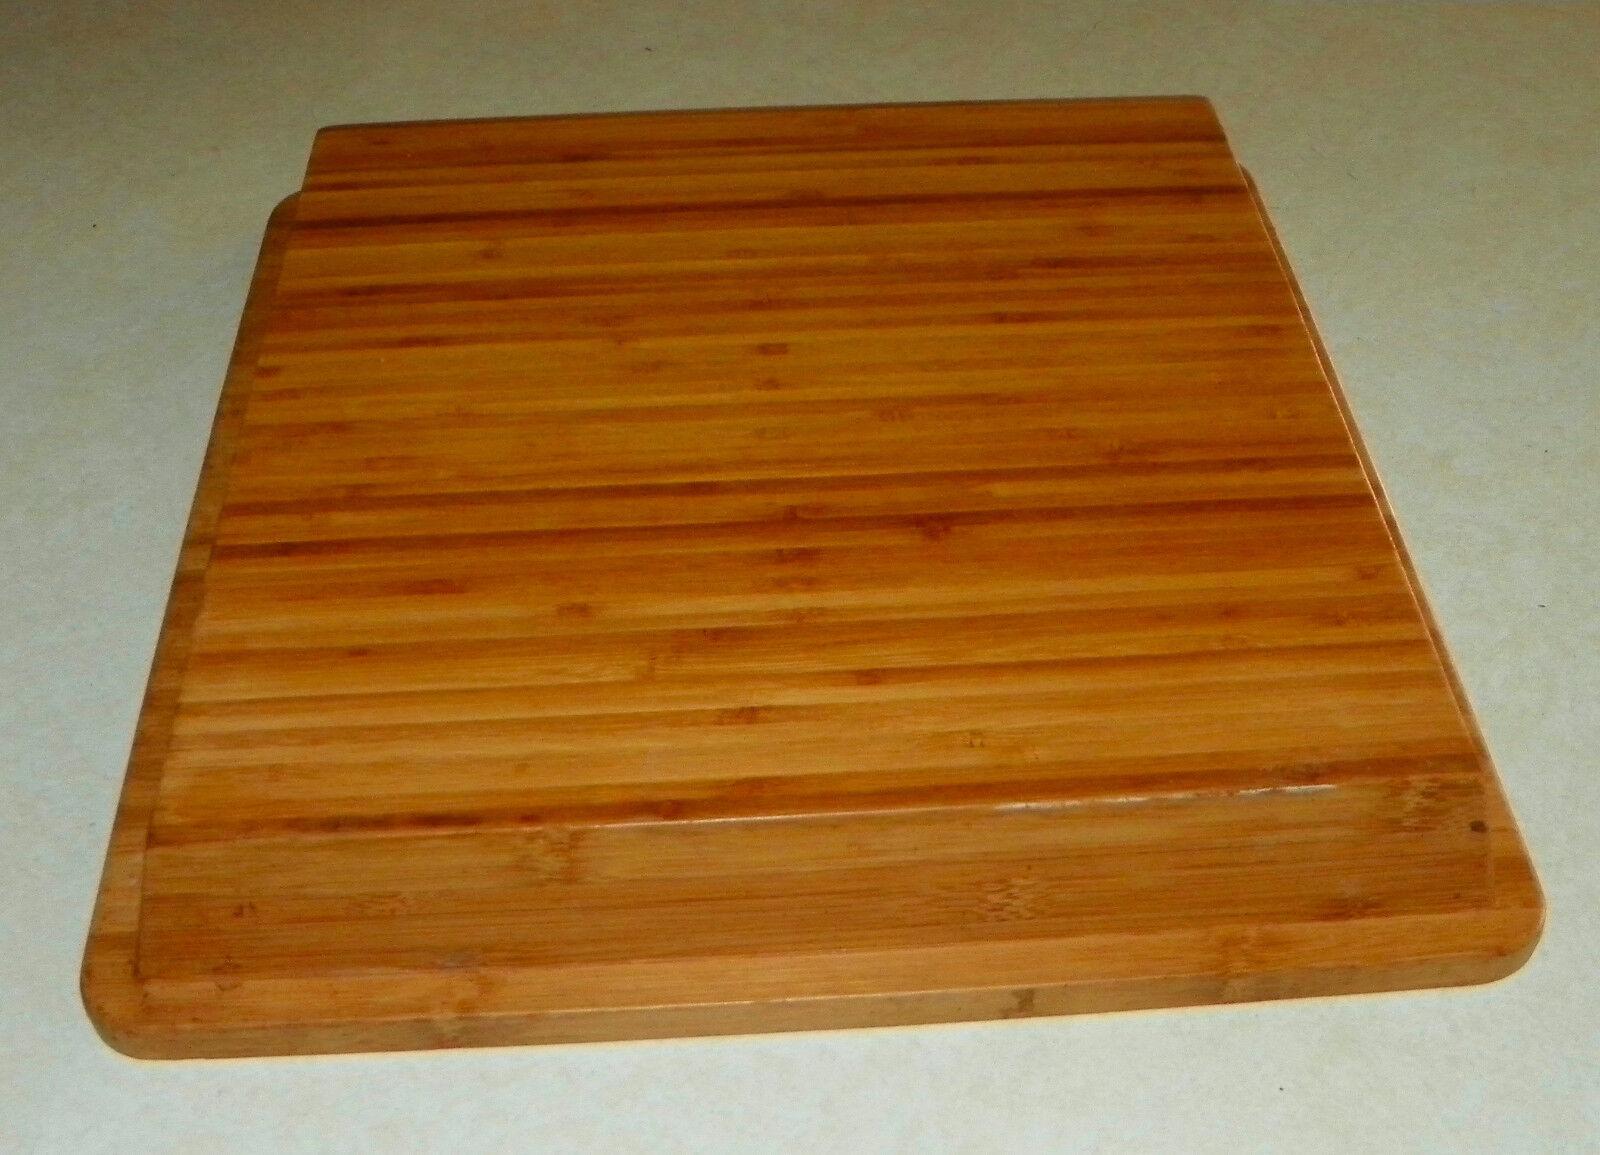 Maple Walnut Cutting Board Bowl